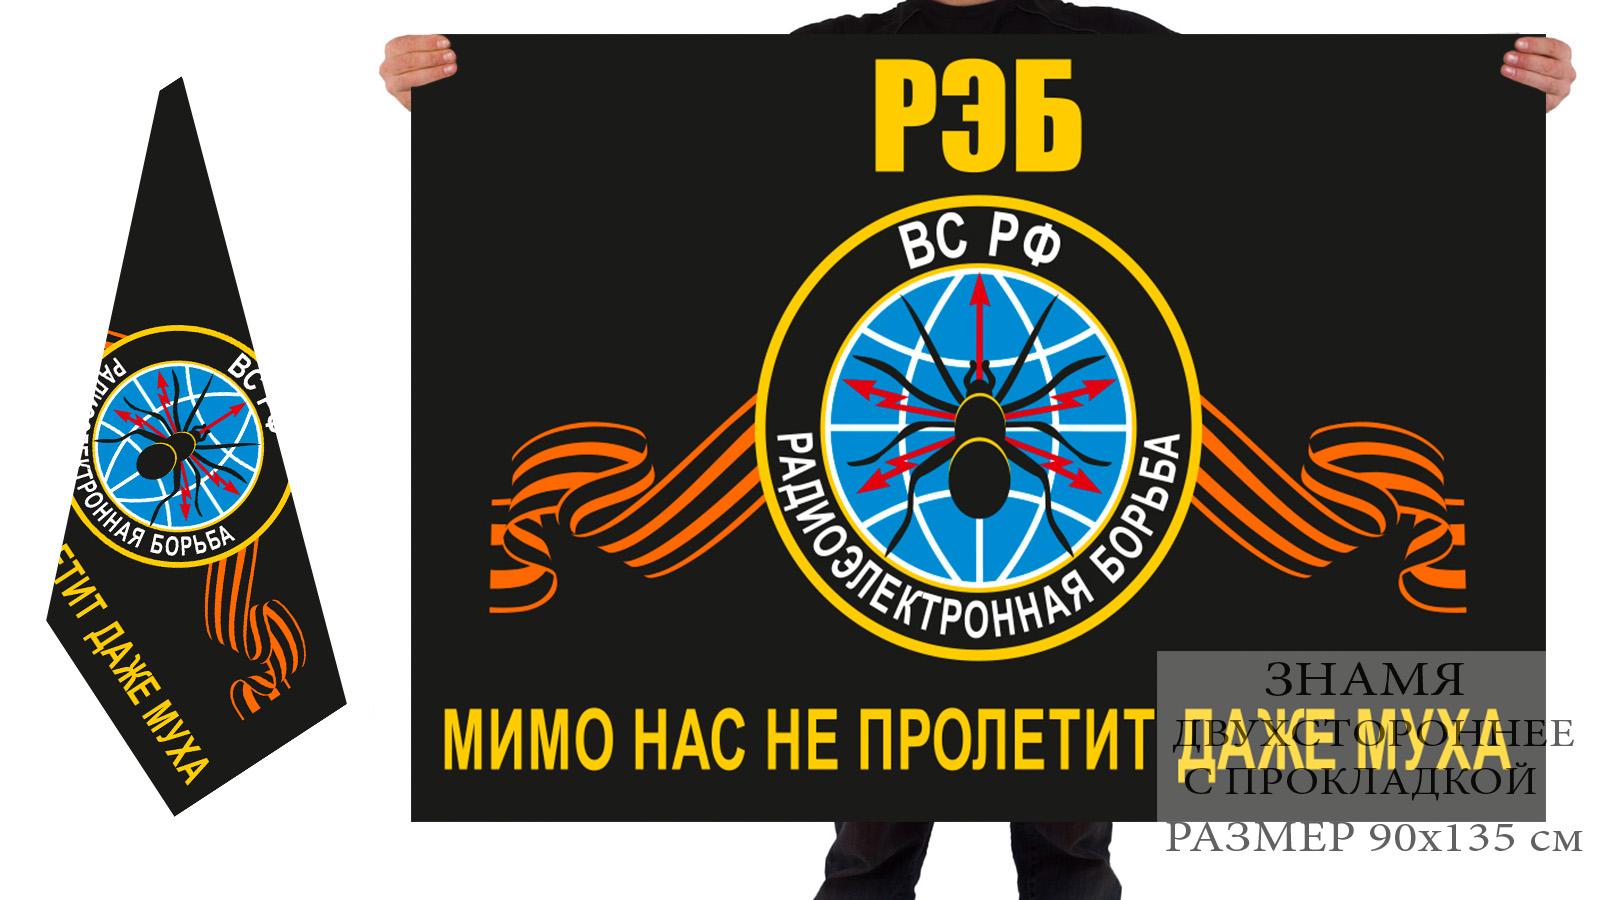 Двусторонний флаг войск РЭБ с девизом